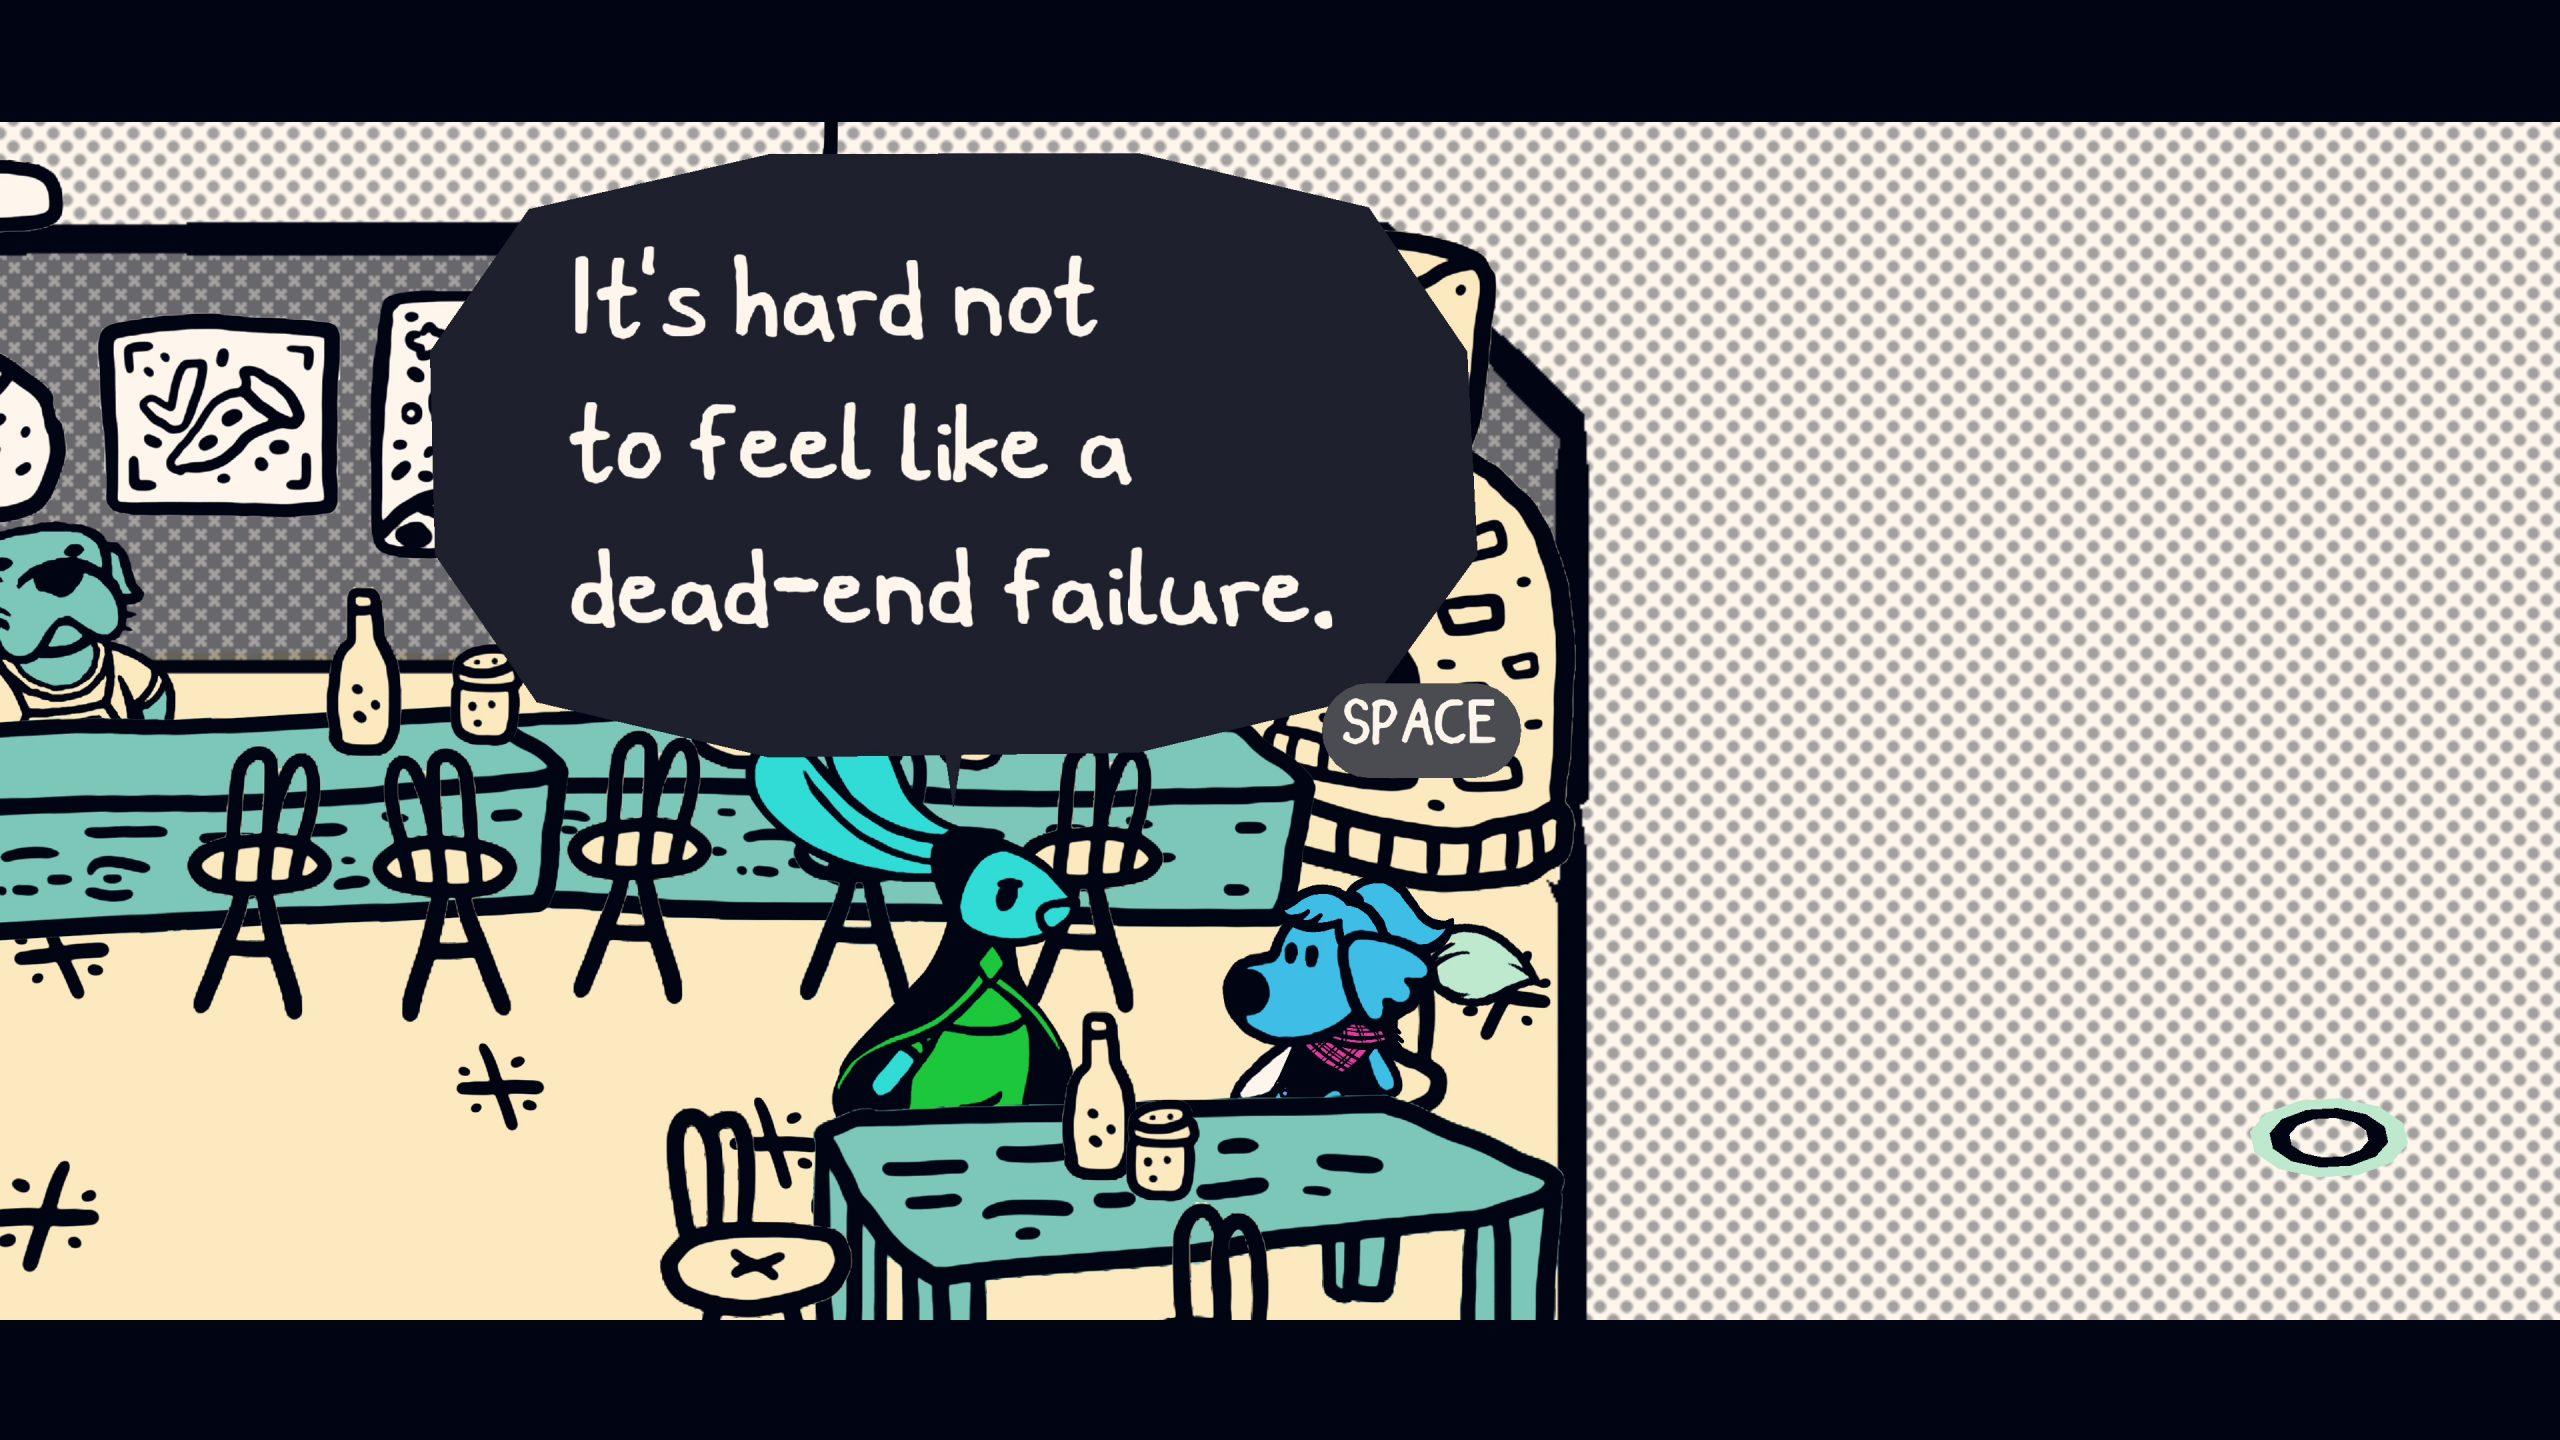 Dead-end failure